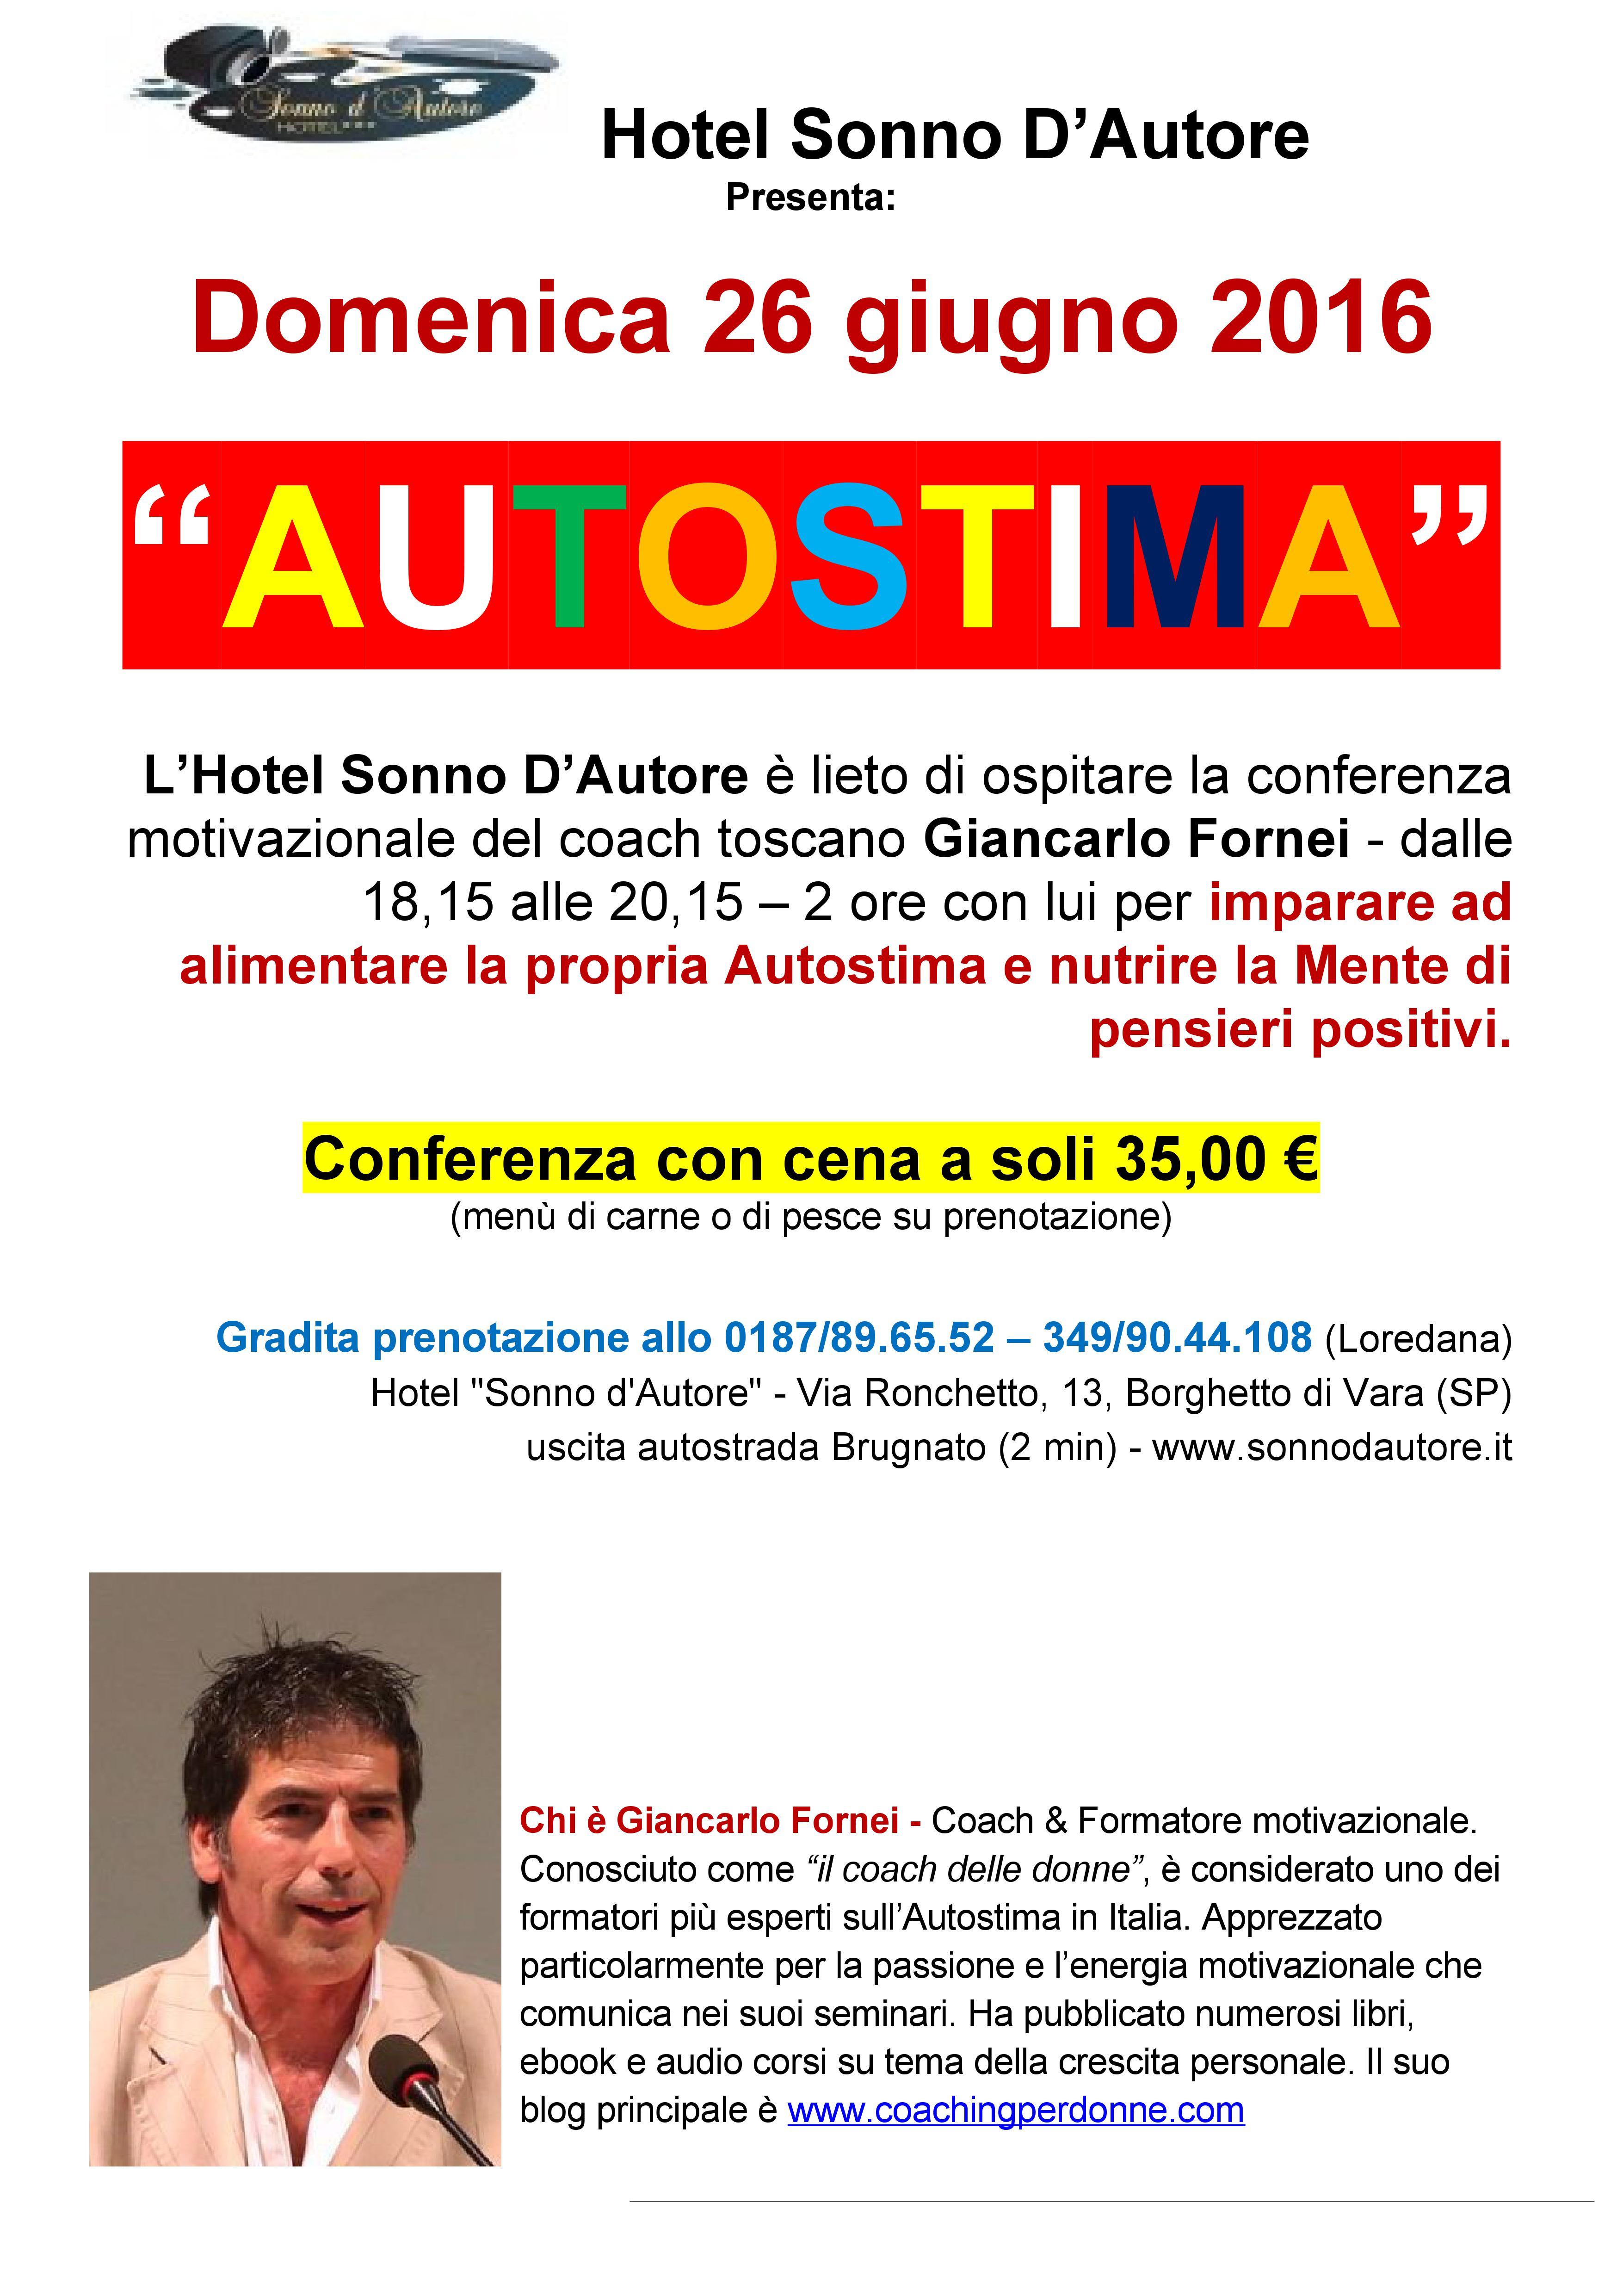 AUTOSTIMA - conferenza Giancarlo Fornei a Borghetto Vara 26 giugno 2016